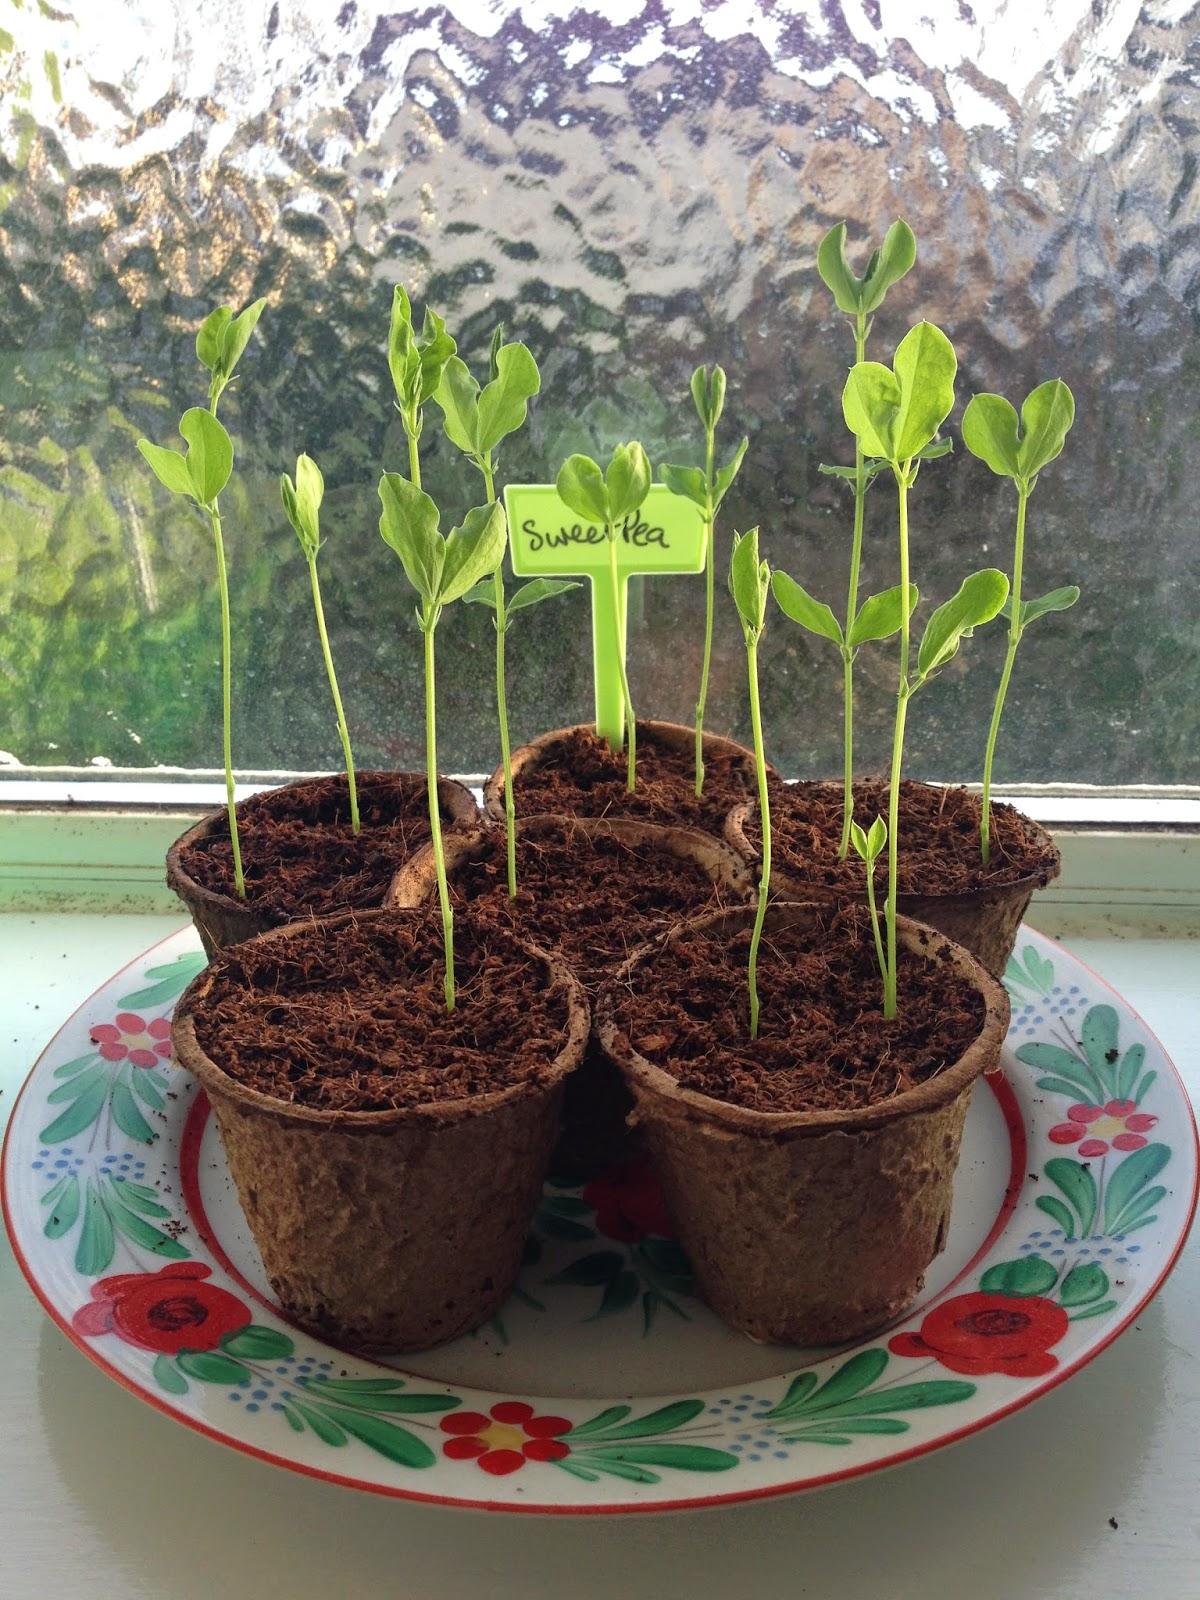 sweet pea seedling